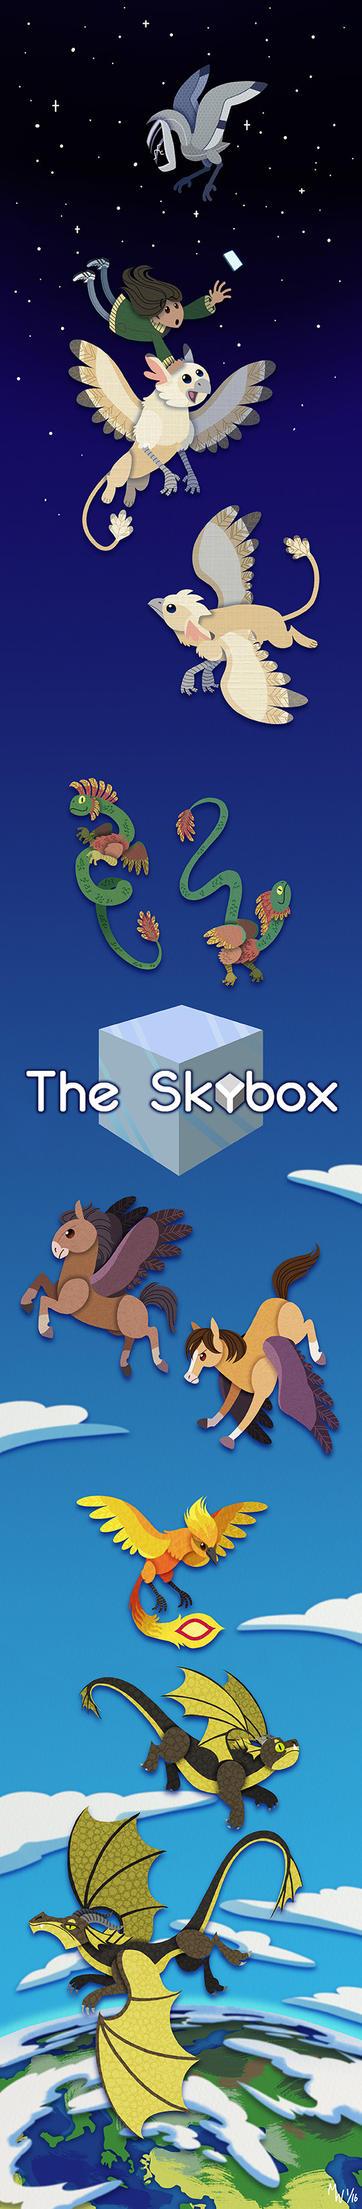 Skybox Wallscroll by LynxGriffin